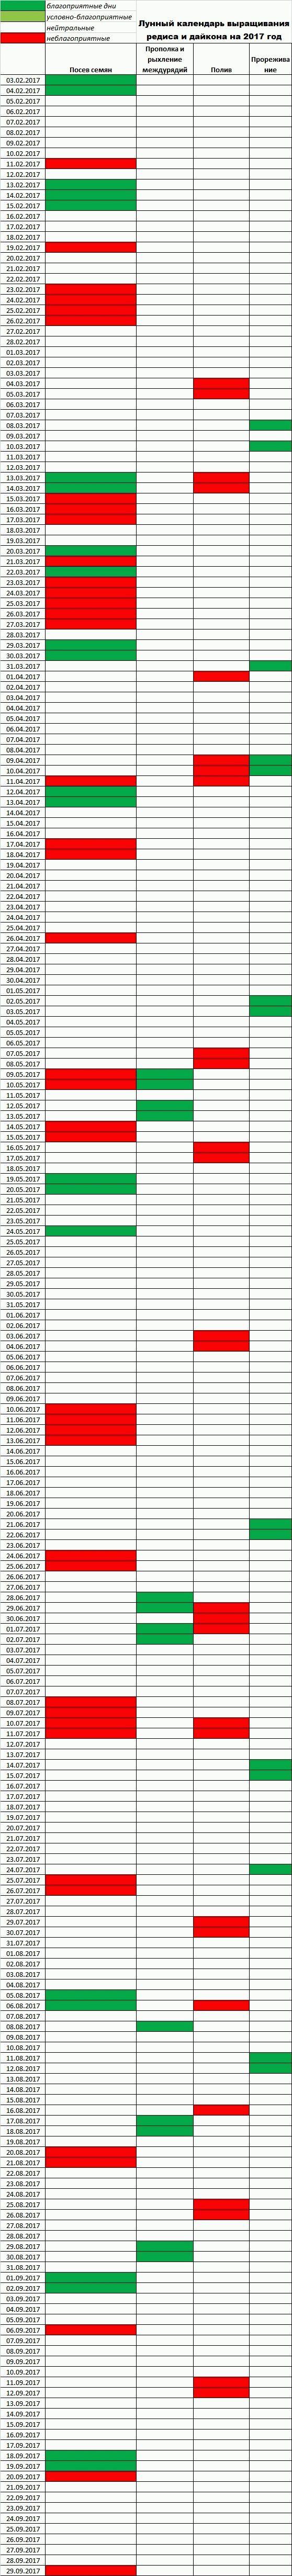 Когда сажать редис по лунному календарю 2017